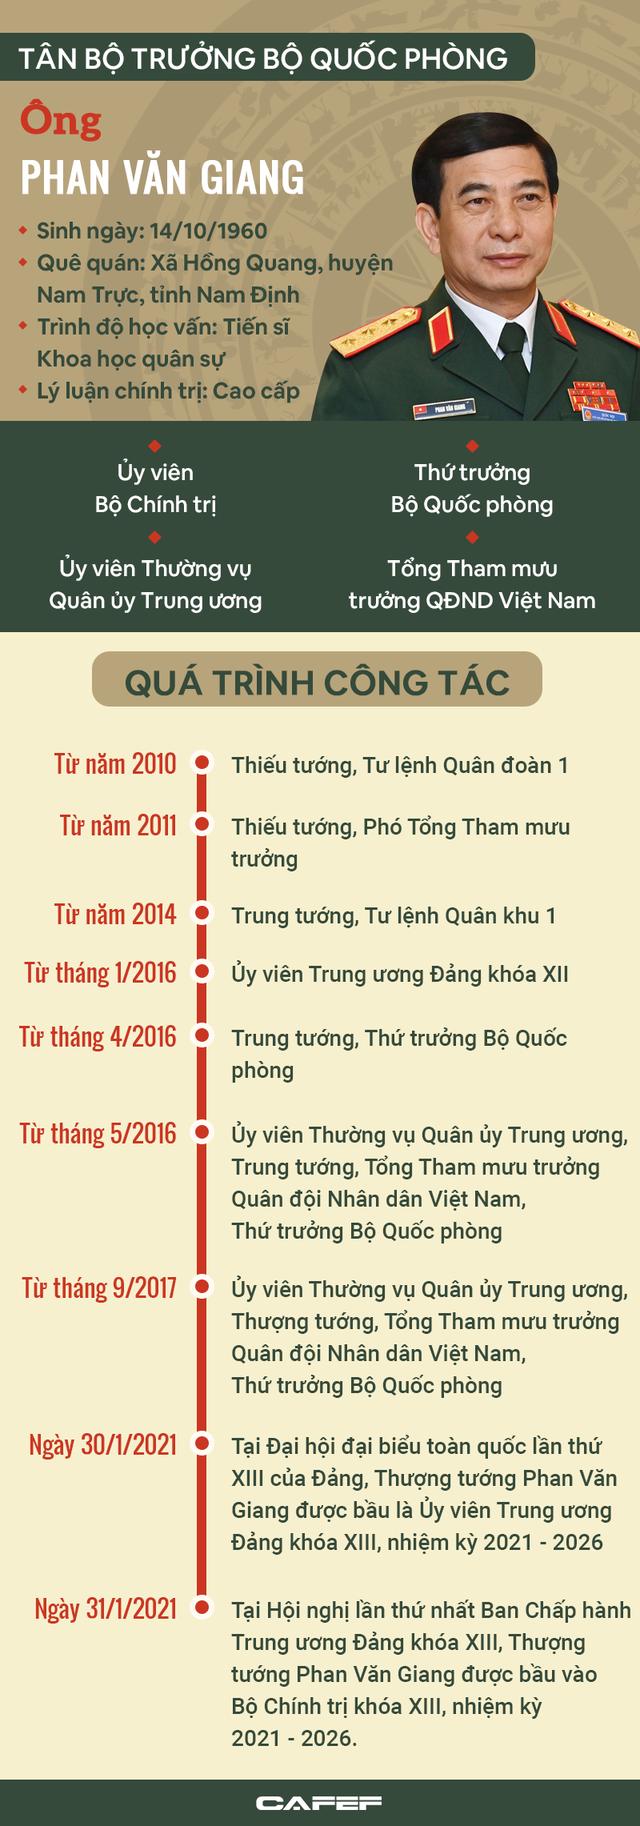 Chân dung tân Bộ trưởng Bộ Quốc phòng Phan Văn Giang - Ảnh 1.